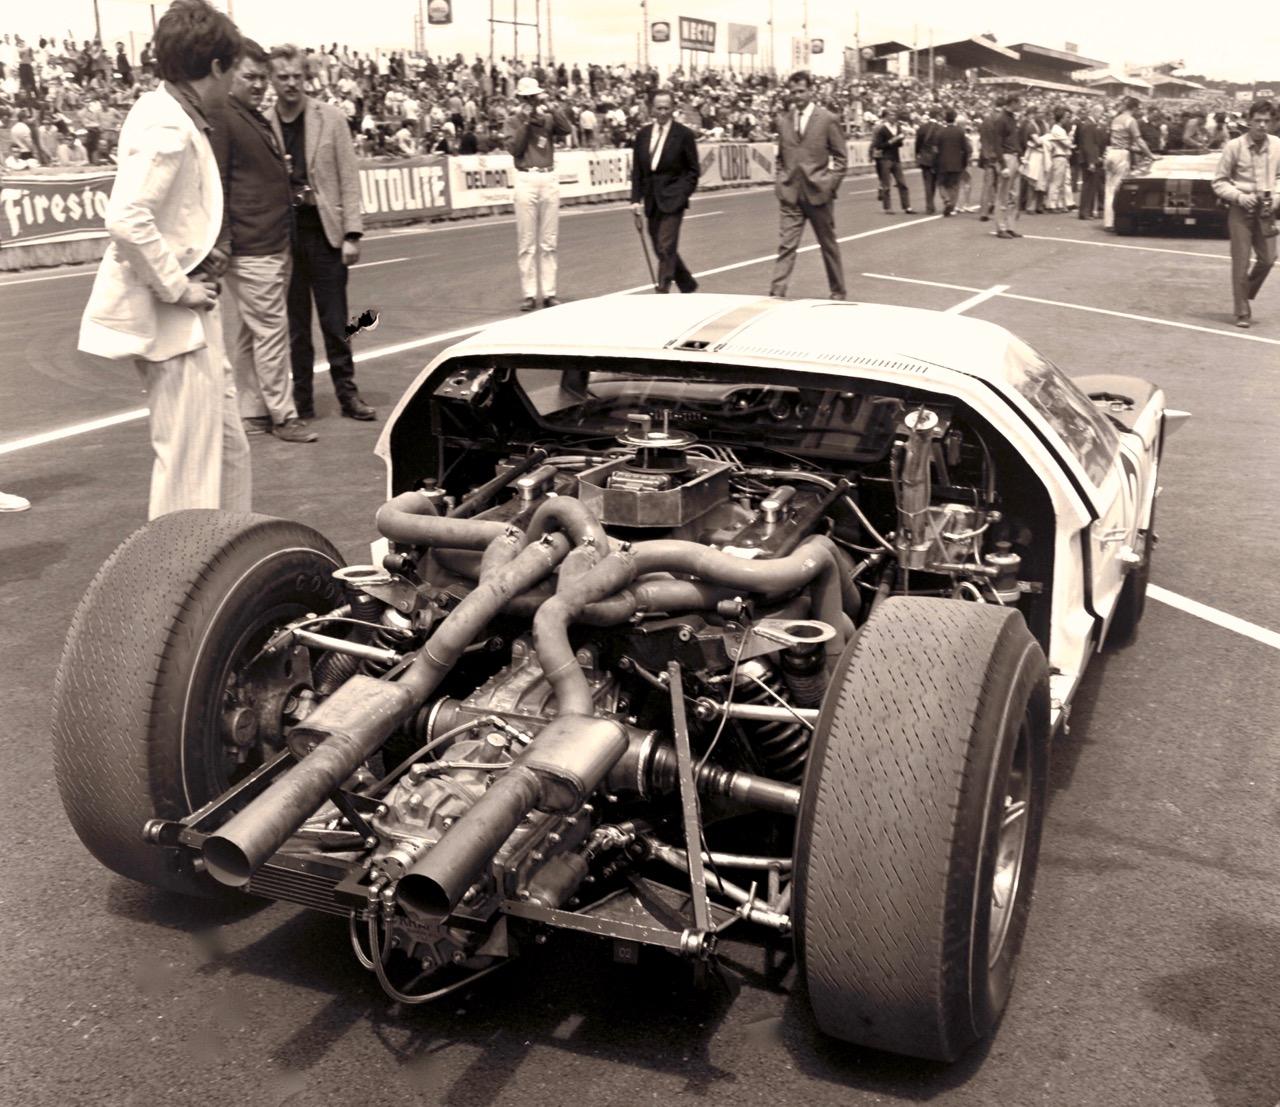 GT40: FORD THAT BEAT FERRARI